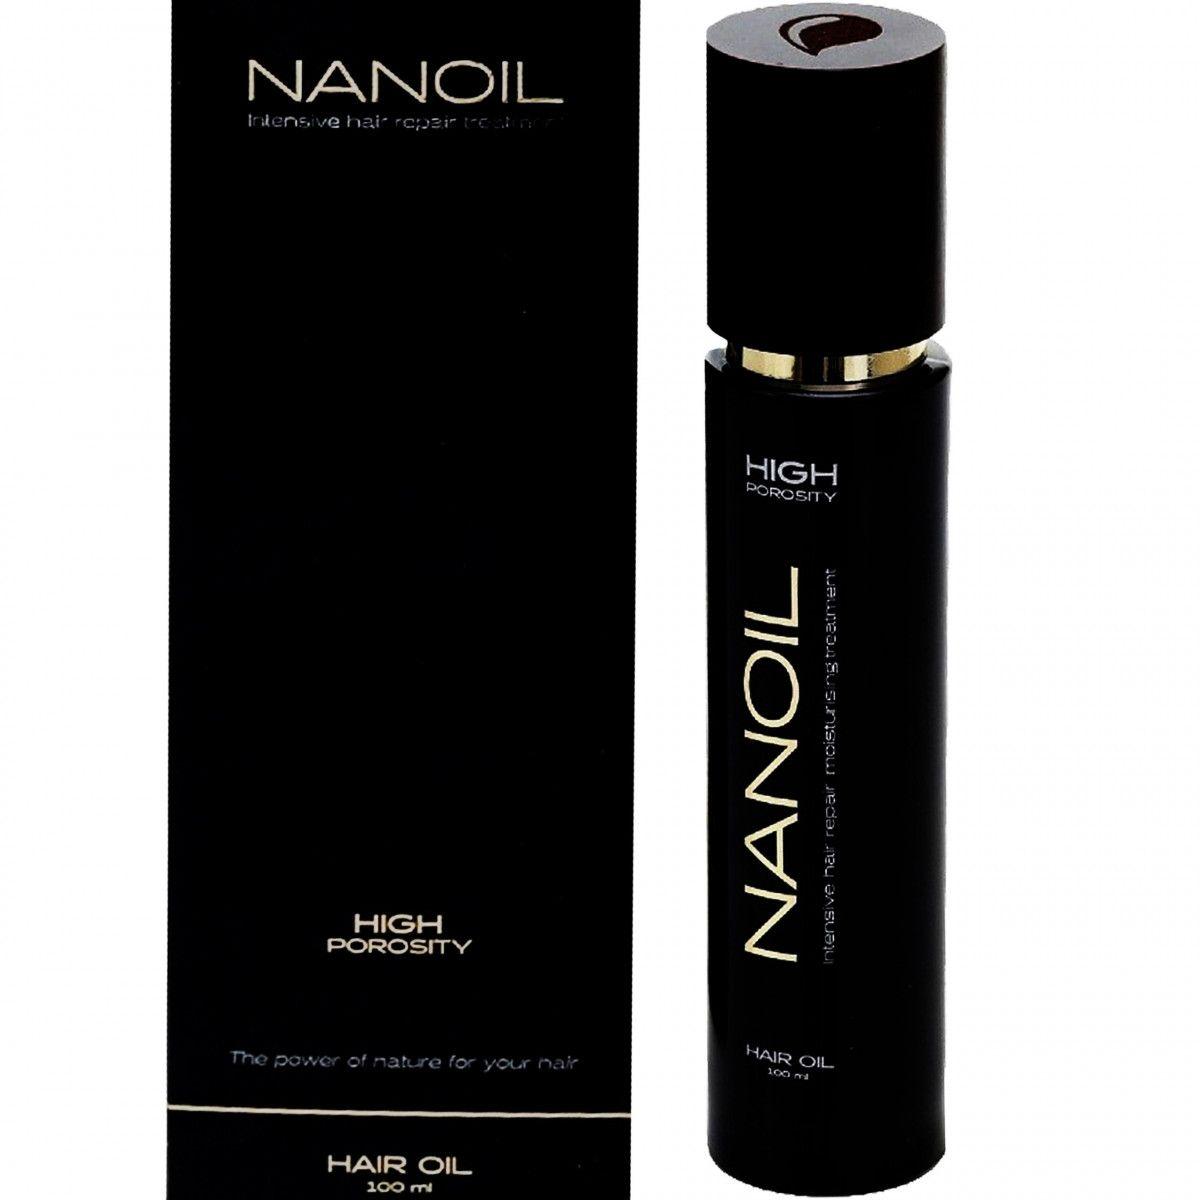 Nanoil High Porosity, olejek do włosów wysokoporowatych, zniszczonych i przesuszonych 100ml